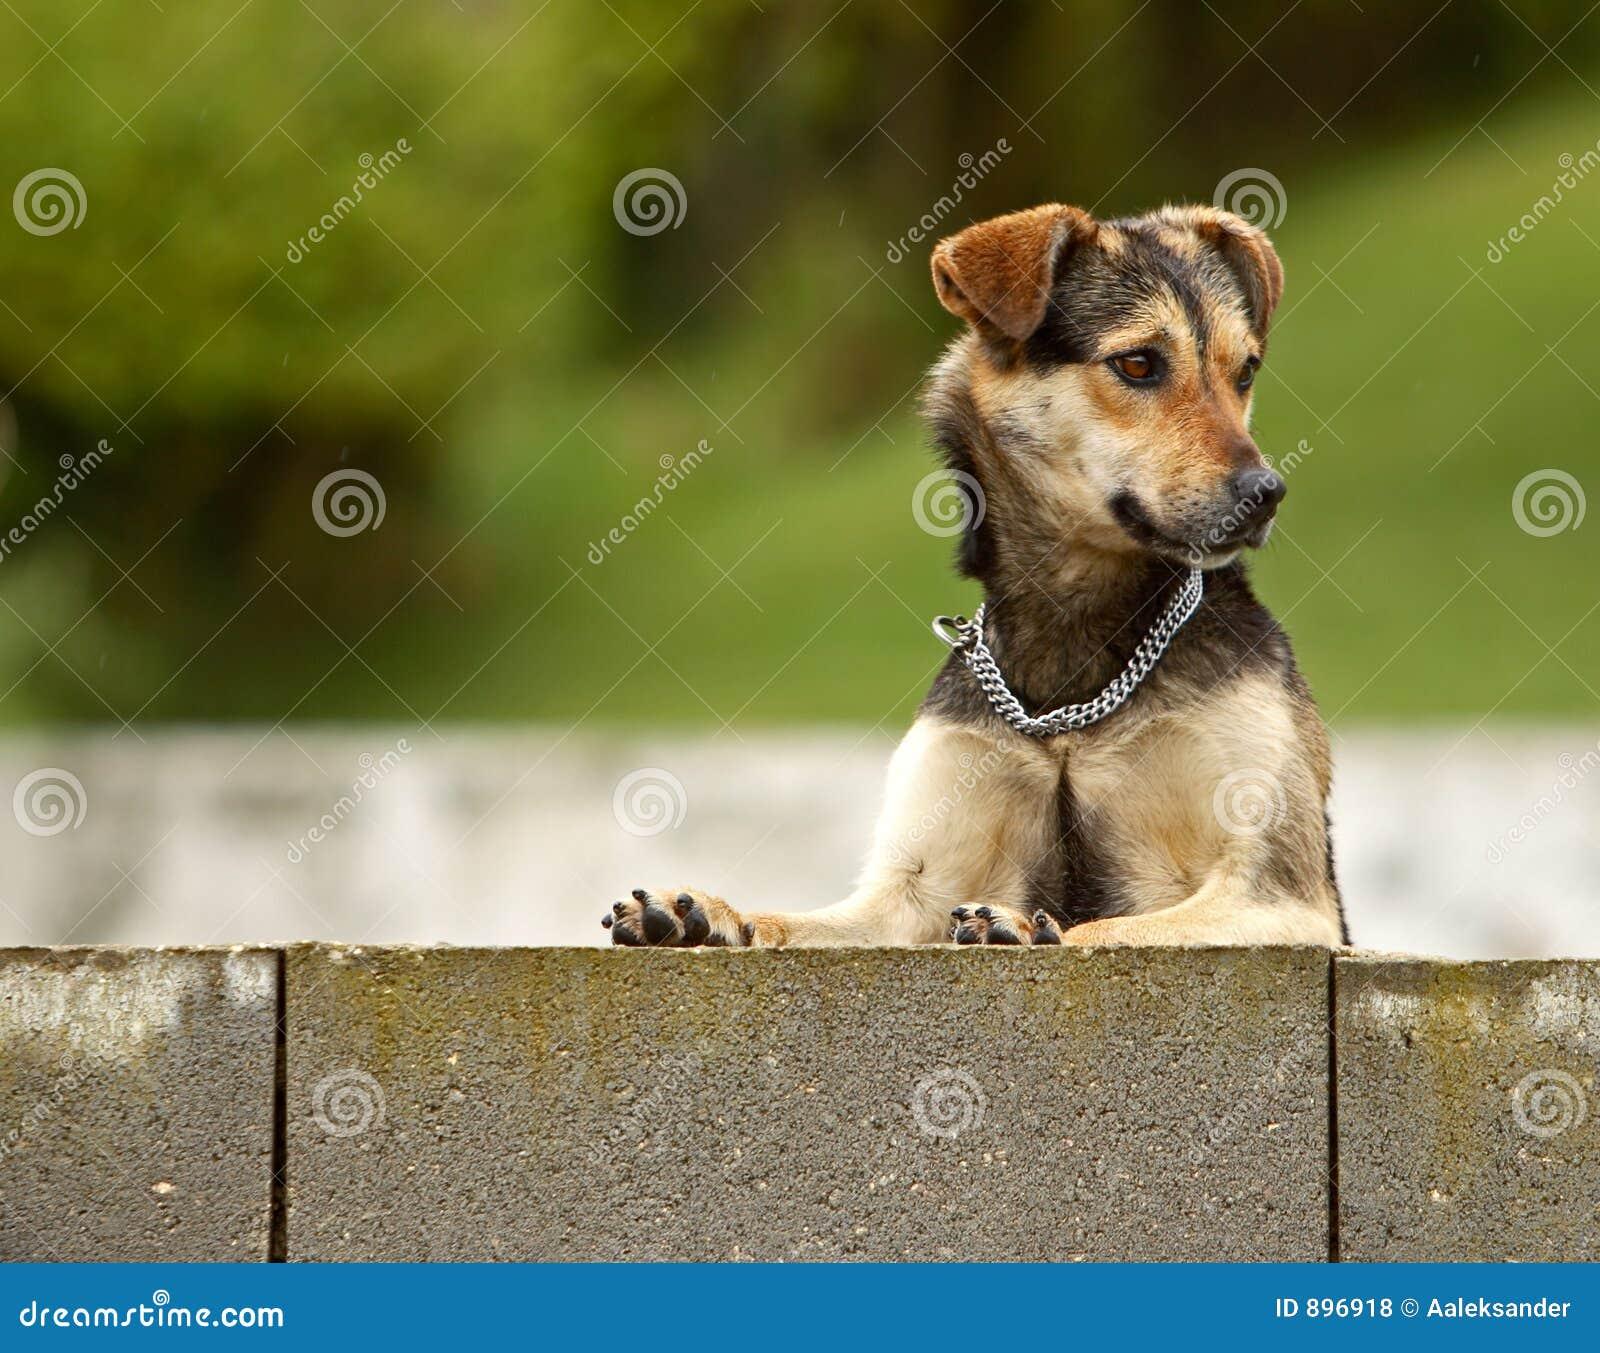 Curious Dog Royalty Free Stock Photos Image 896918